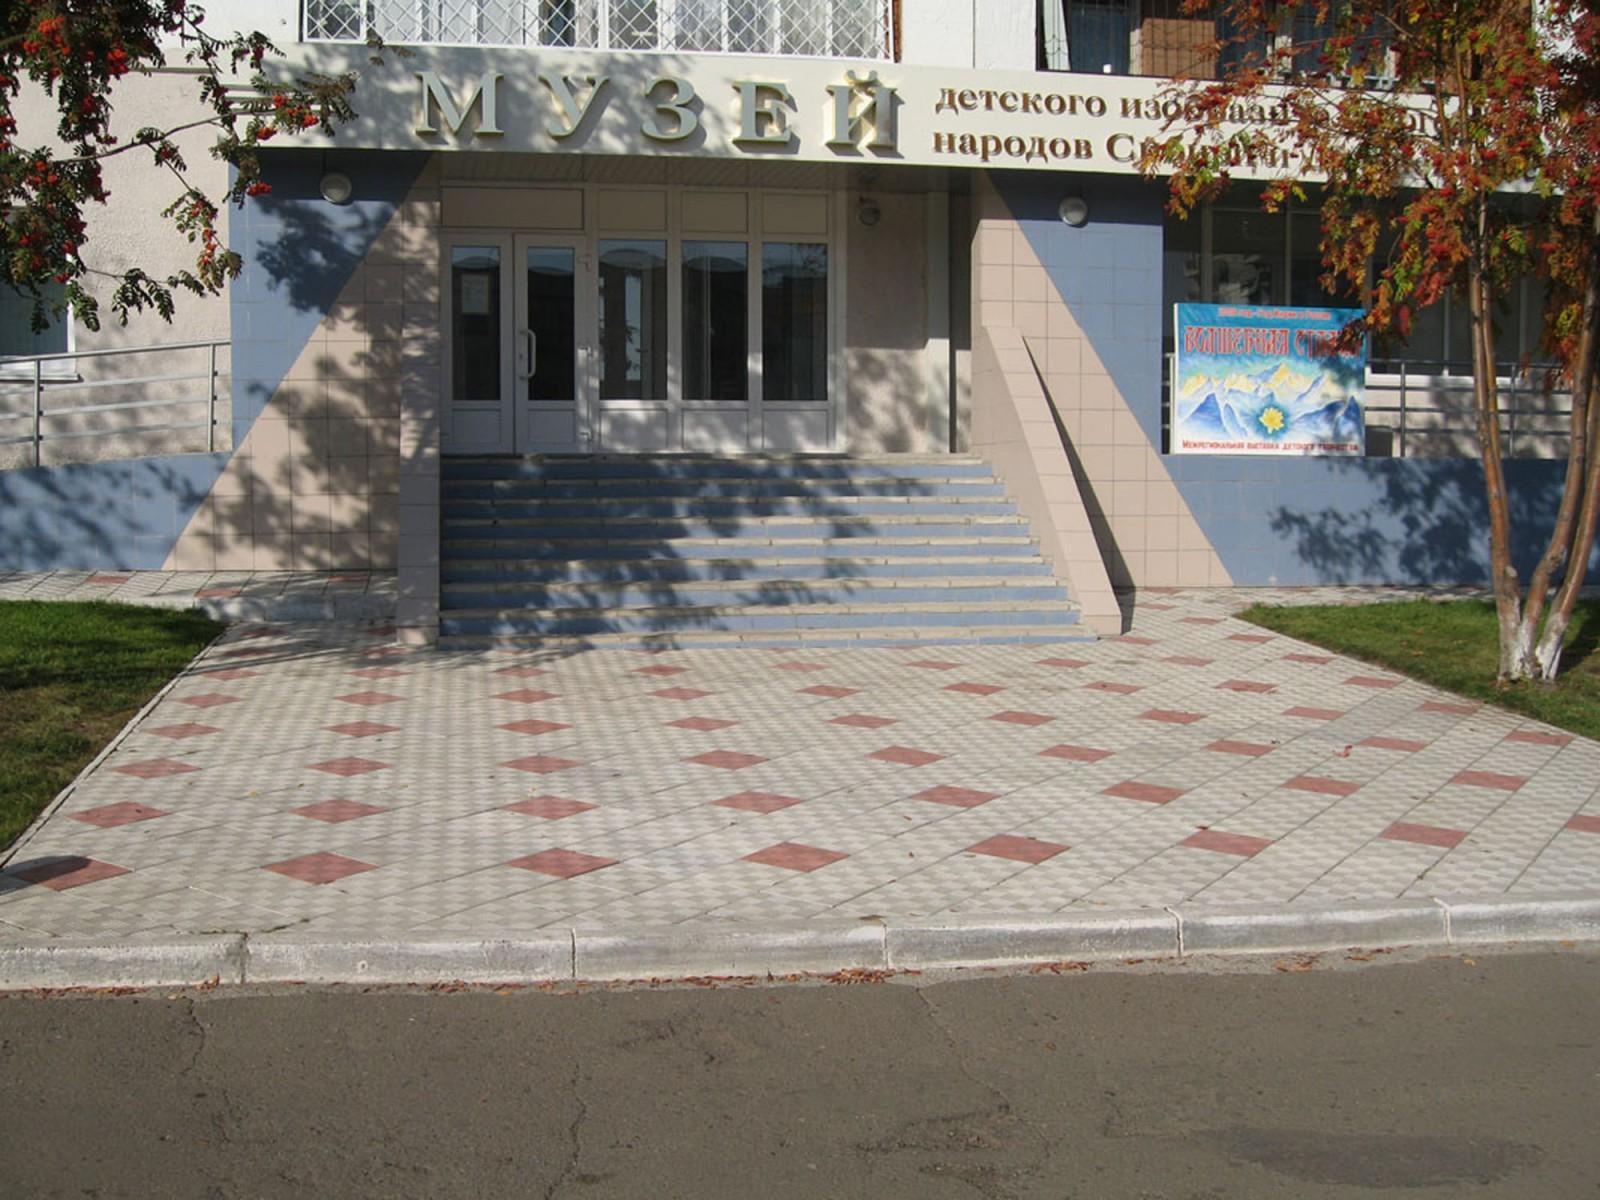 Юргинский музей детского изобразительного искусства народов Сибири и Дальнего Востока